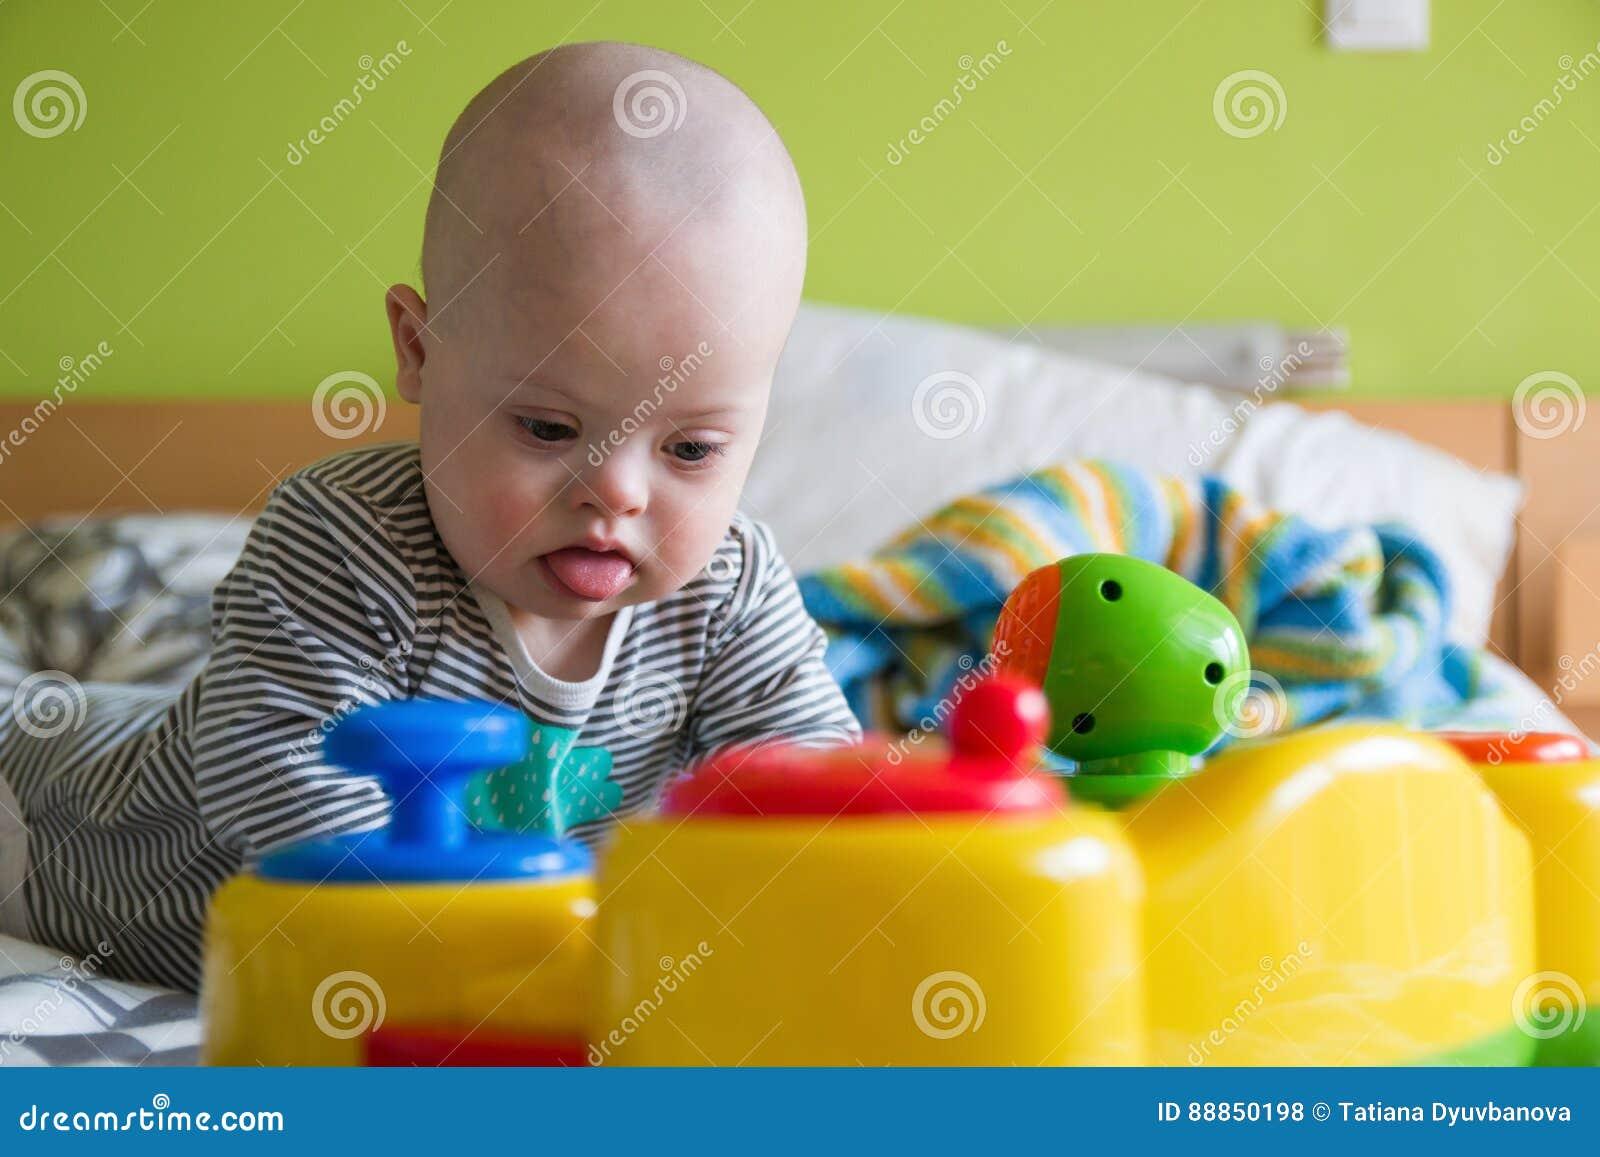 Nettes baby mit down syndrom das spielzeug spielt